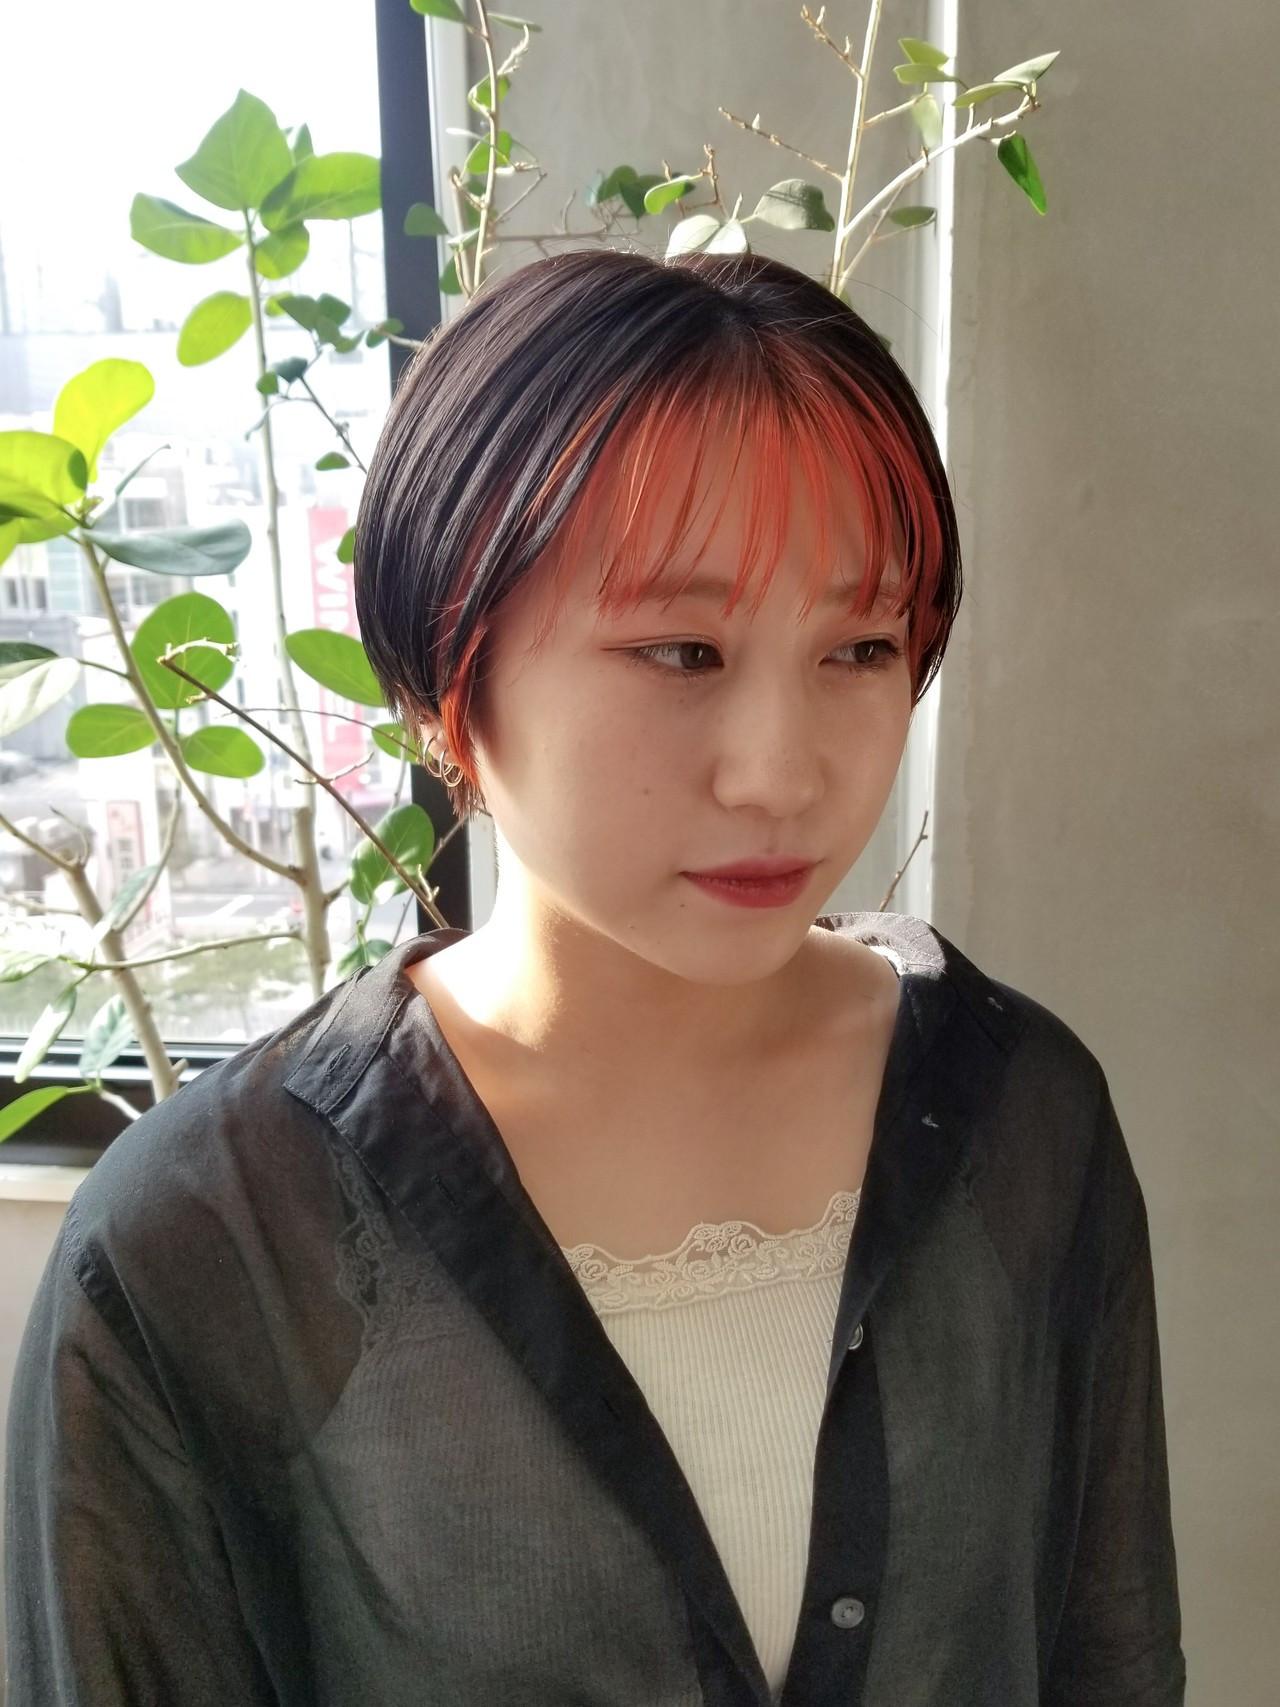 ベリーショート ストリート 前髪インナーカラー オレンジカラー ヘアスタイルや髪型の写真・画像